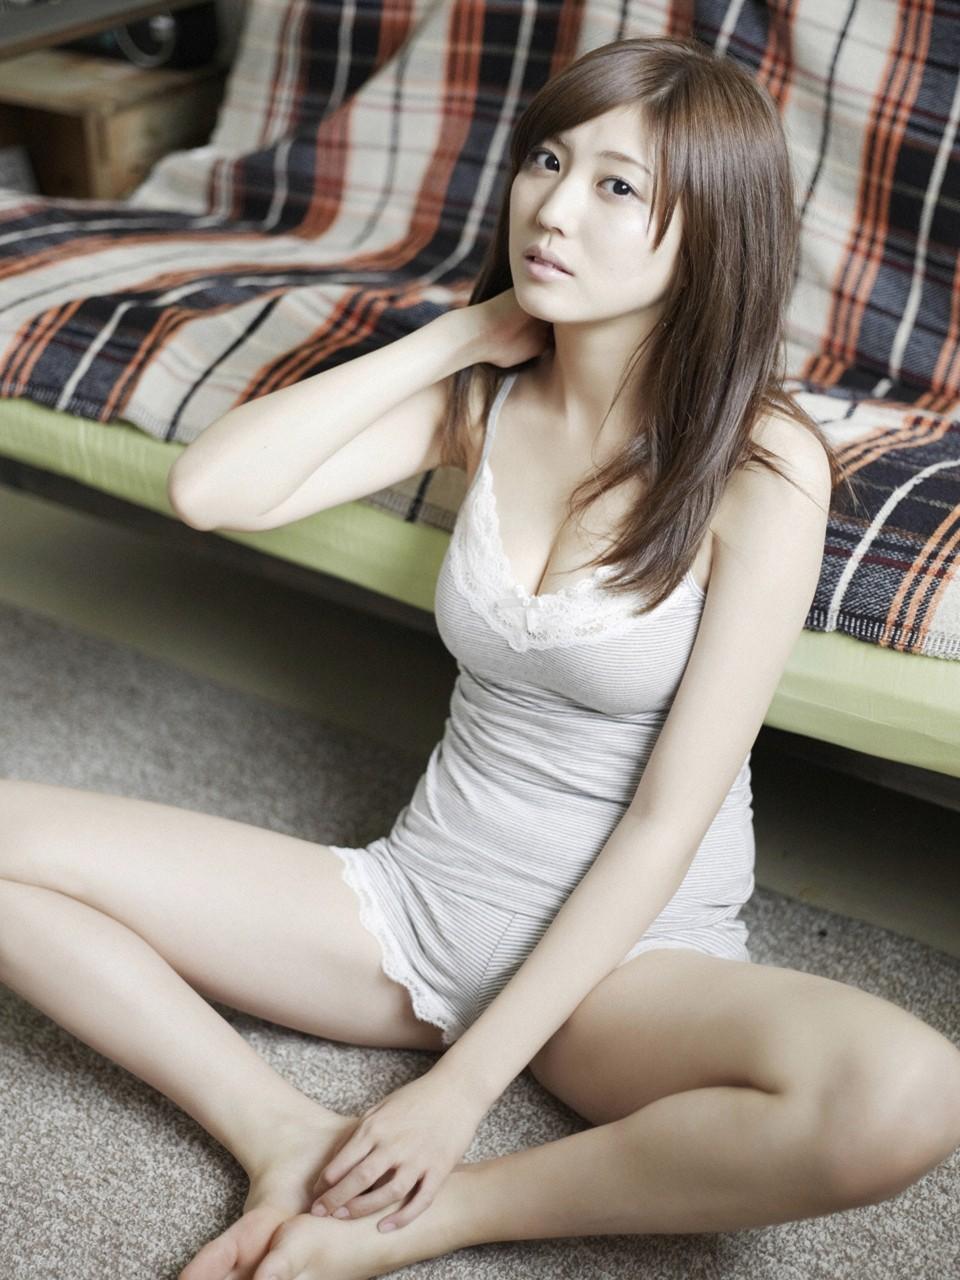 岩崎名美の画像 p1_27